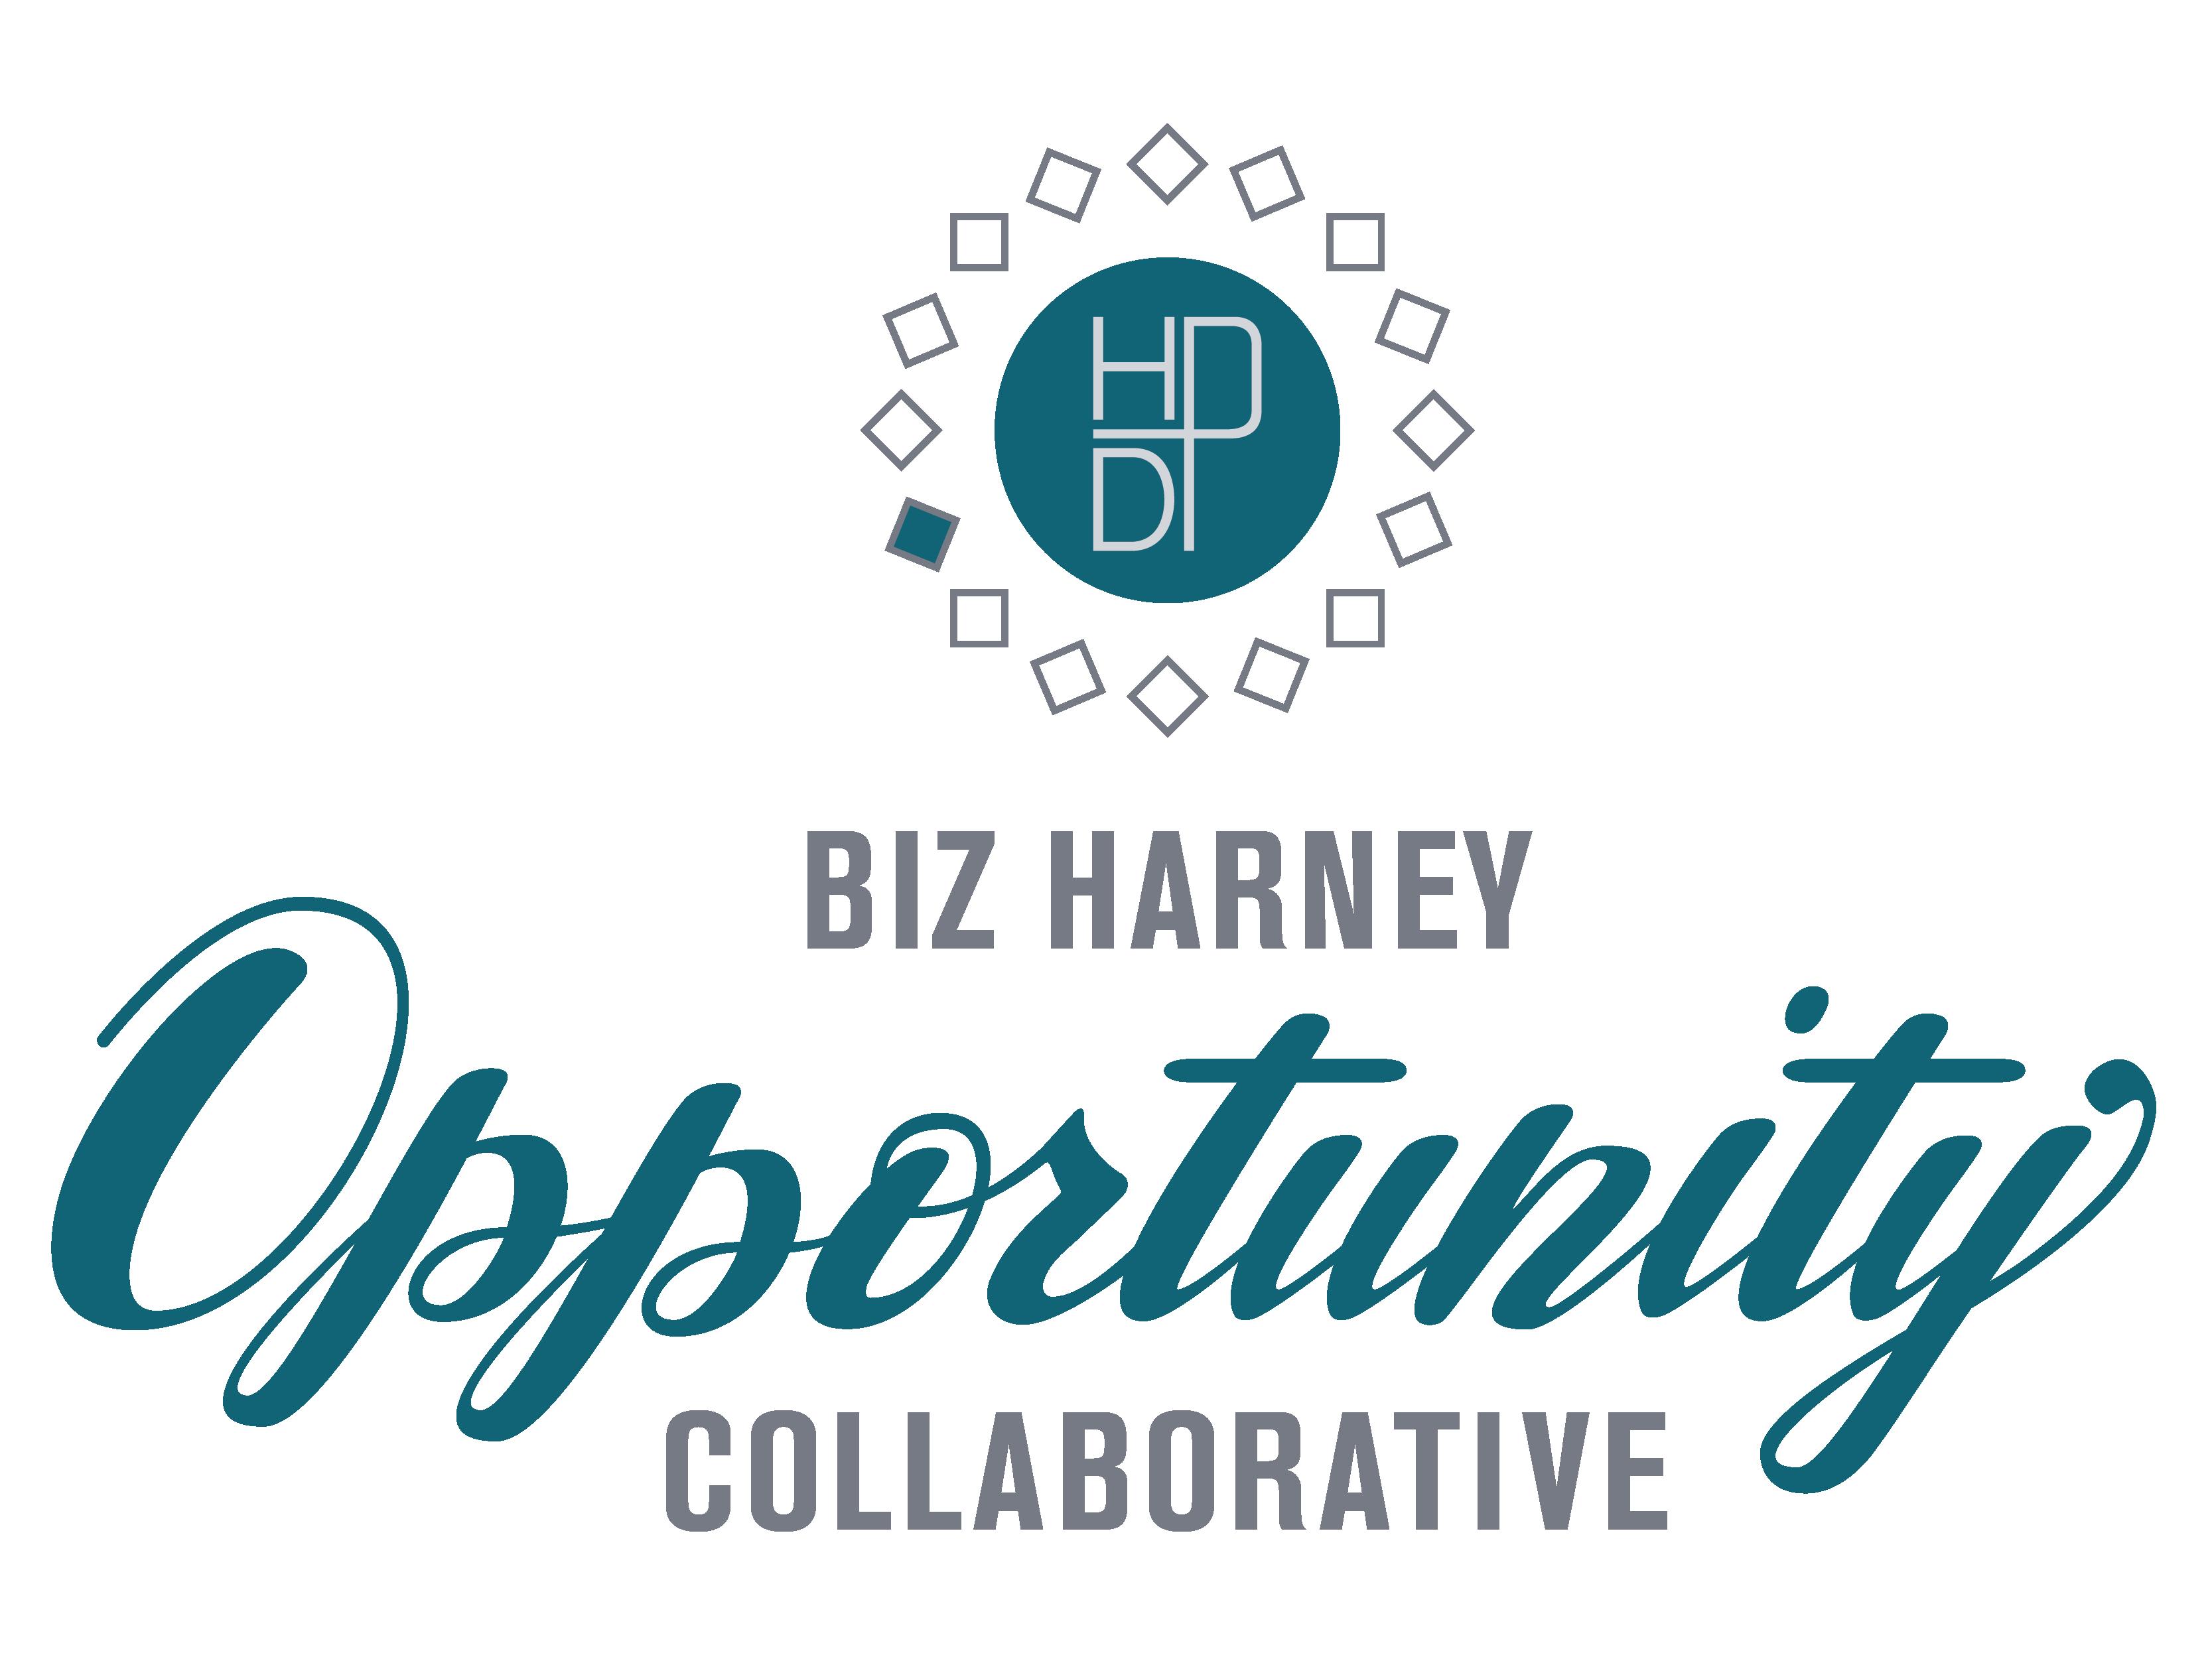 HDP BizHarney Collaborative